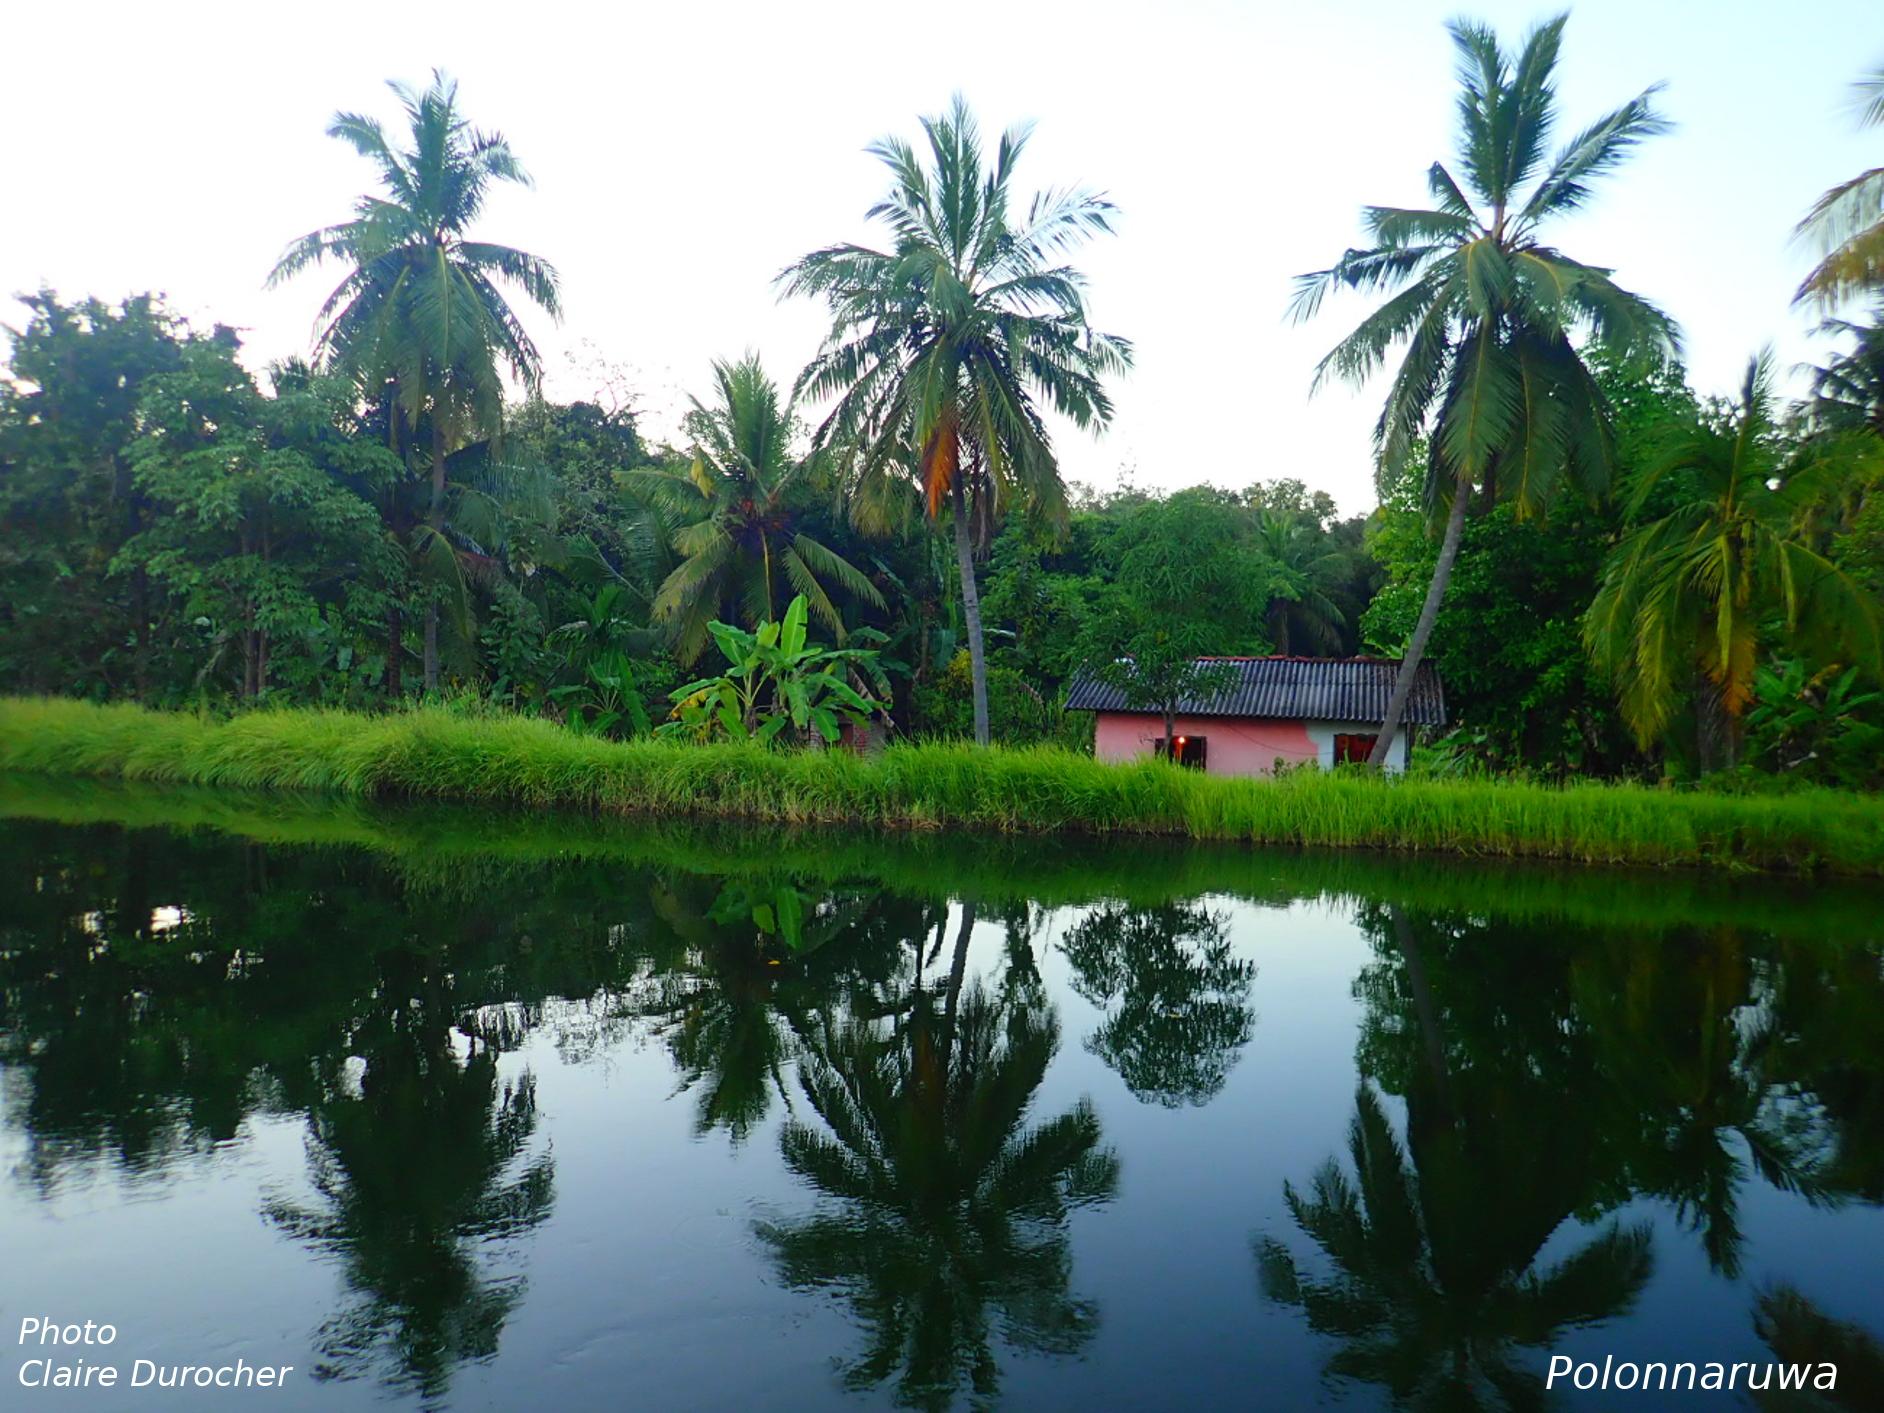 Reflets de palmiers dans l'eau